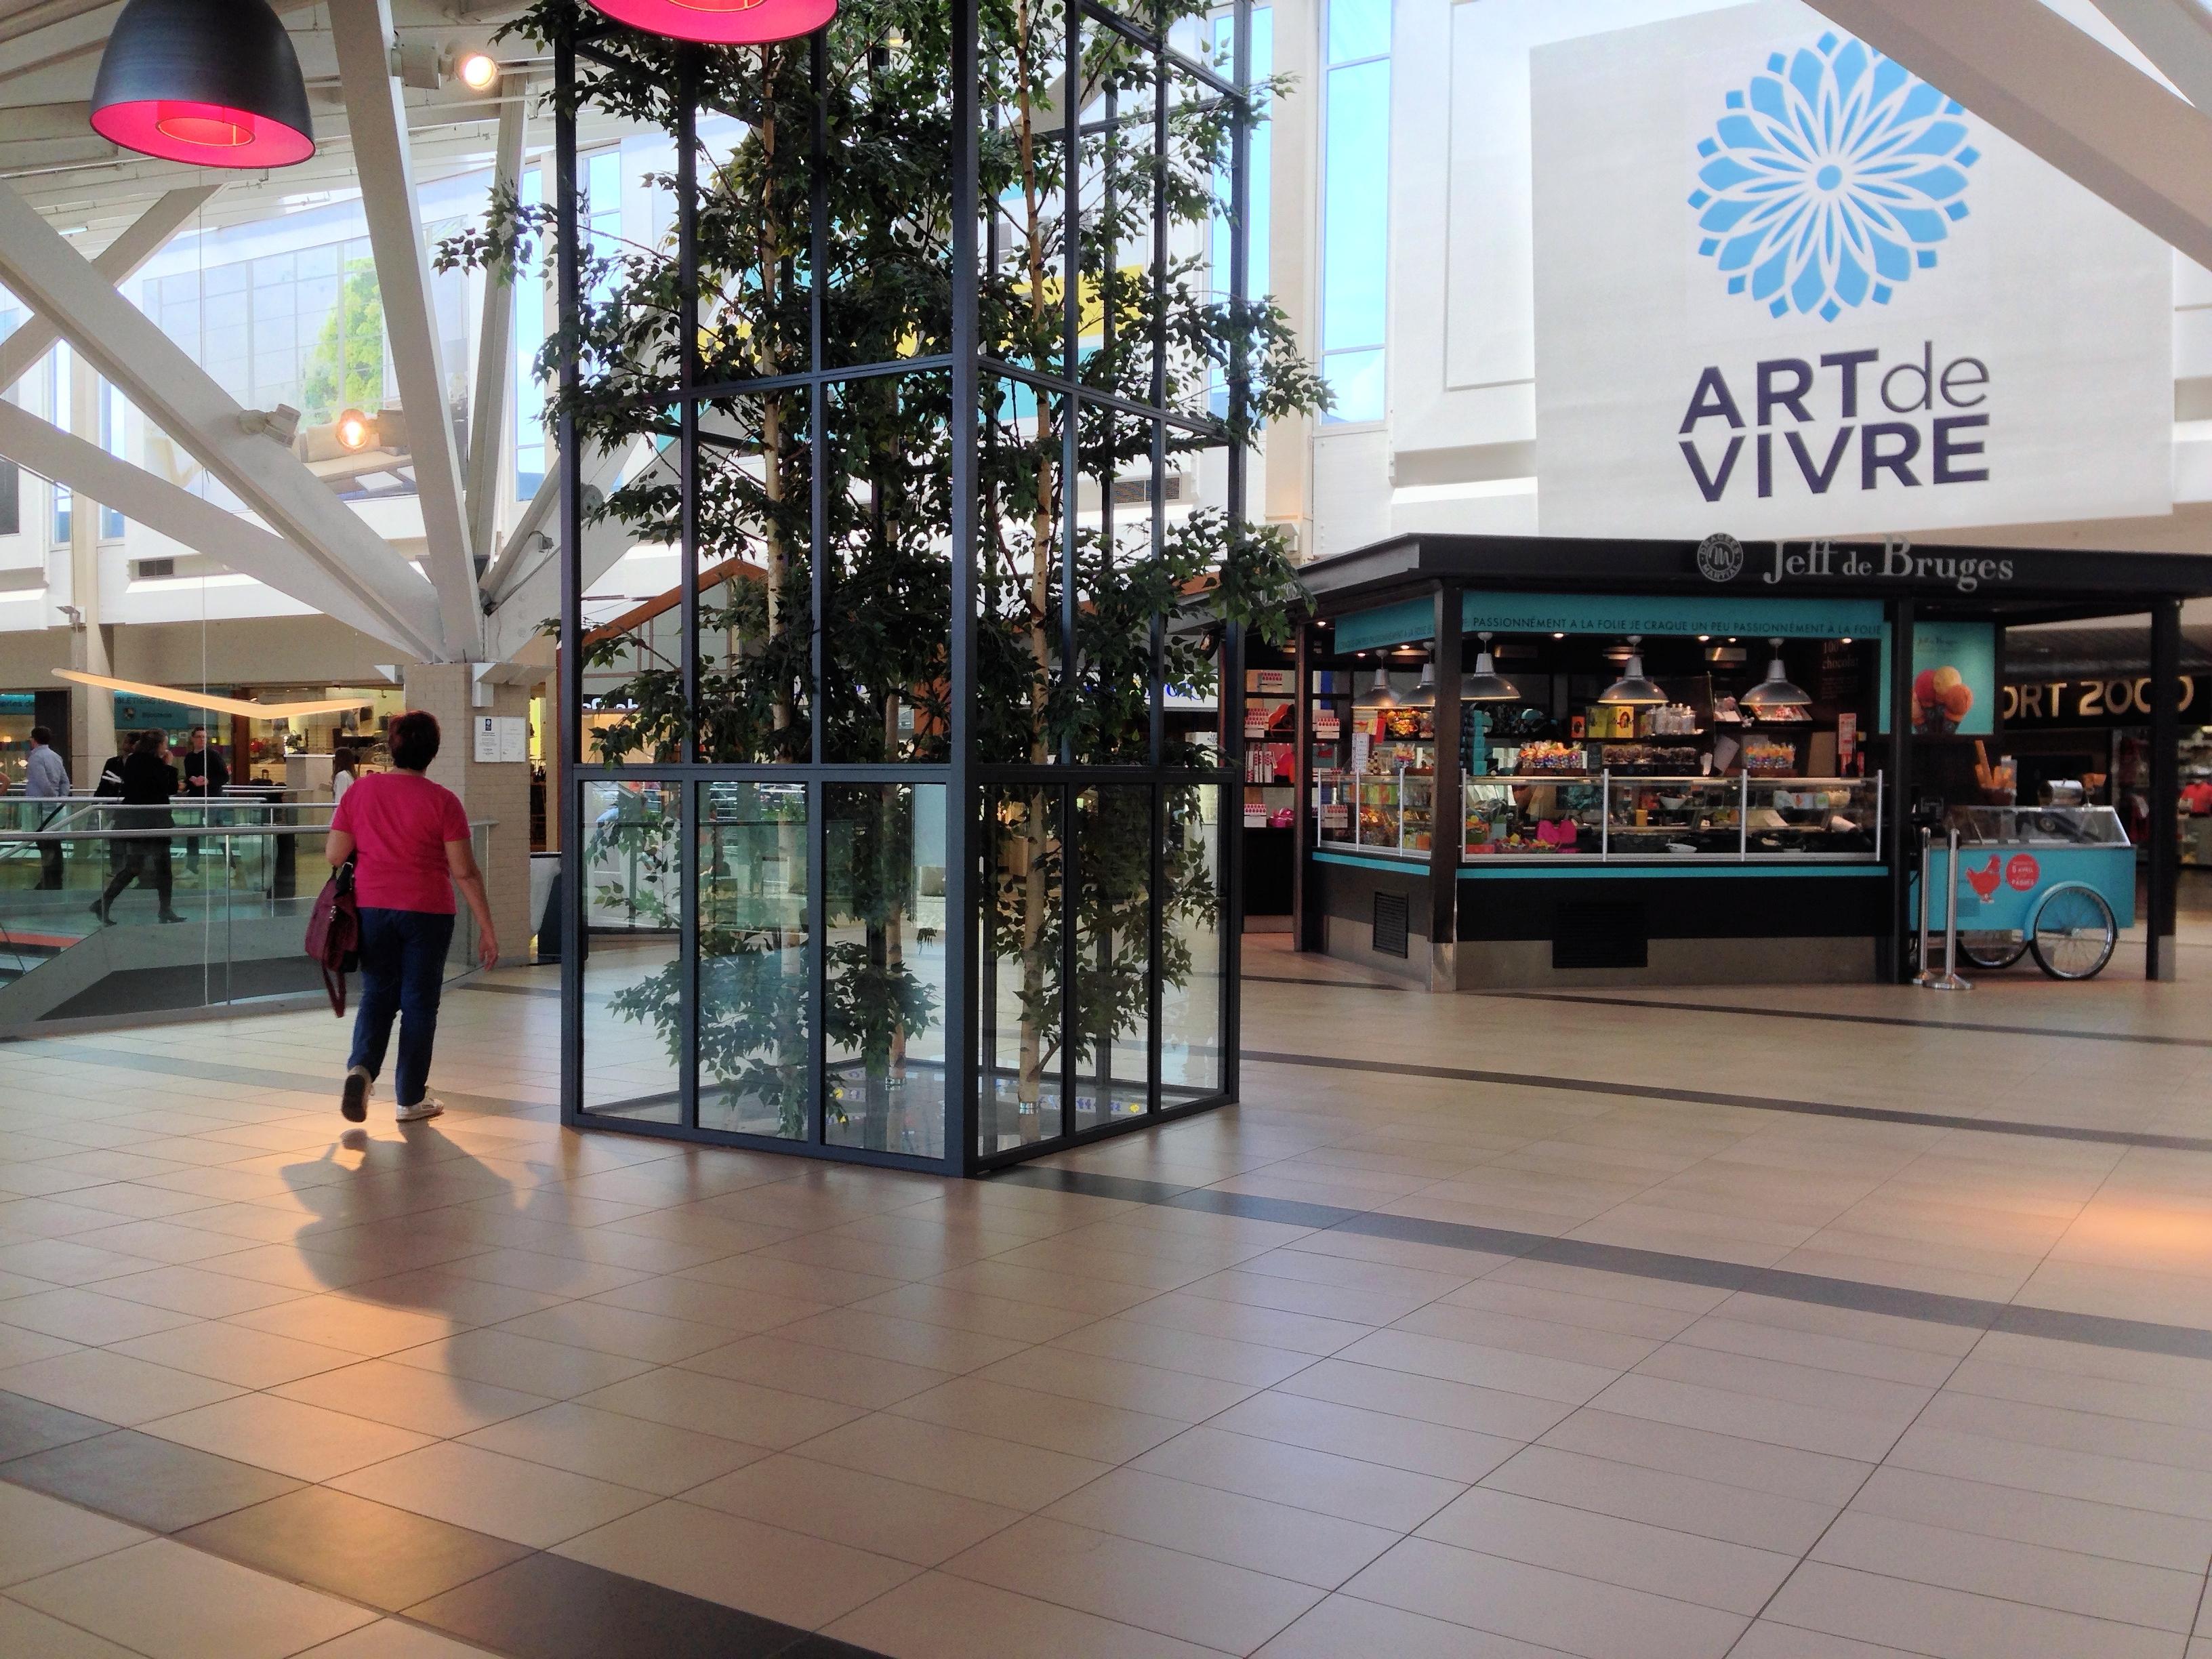 Eragny Art De Vivre : file art de vivre shopping mall ragny sur oise ~ Dailycaller-alerts.com Idées de Décoration